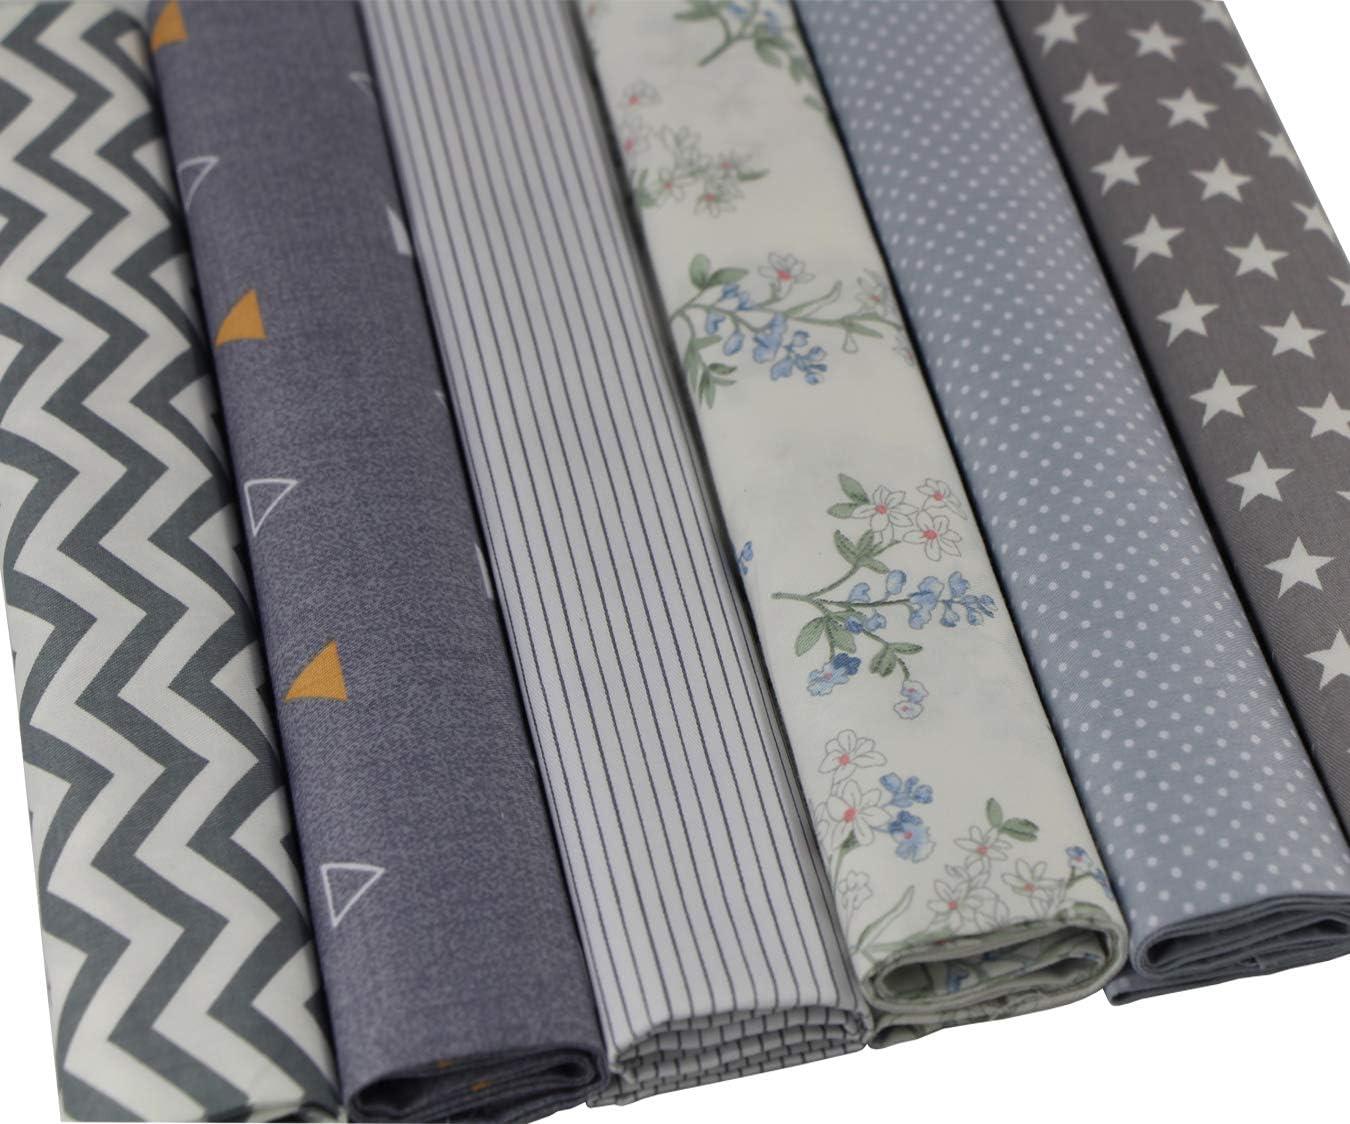 Aufodara 6 piezas 50 x 50 cm tela patchwork algod/ón Craft material mixto cuadrados Bundle costura costura colcha DIY hecho a mano tela gris